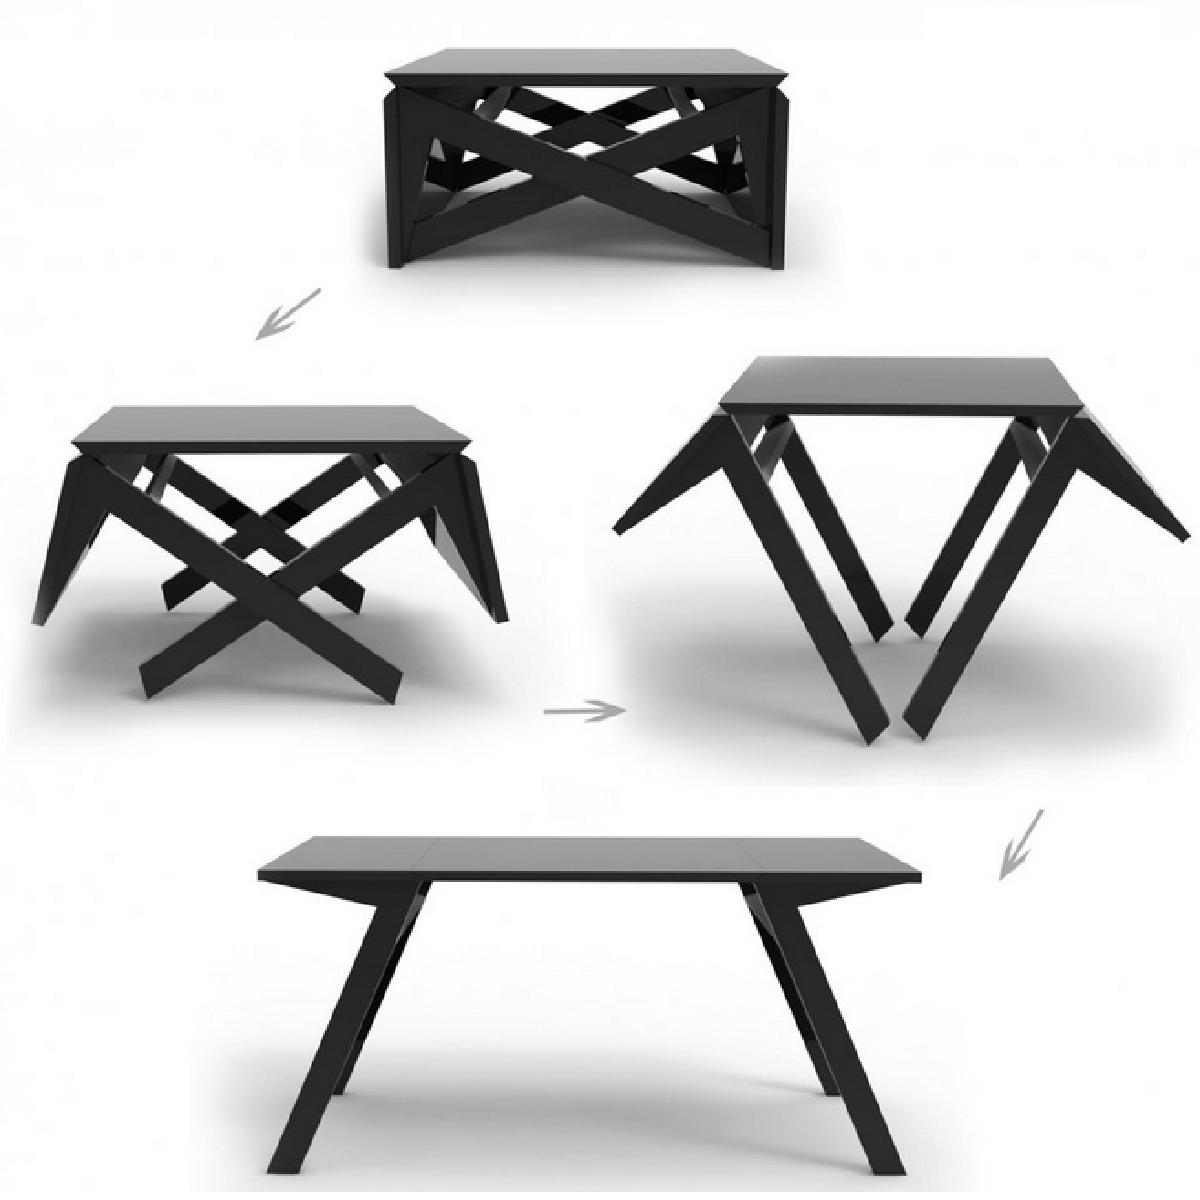 cadeaux 2 ouf id es de cadeaux insolites et originaux mk1 une table basse qui se. Black Bedroom Furniture Sets. Home Design Ideas